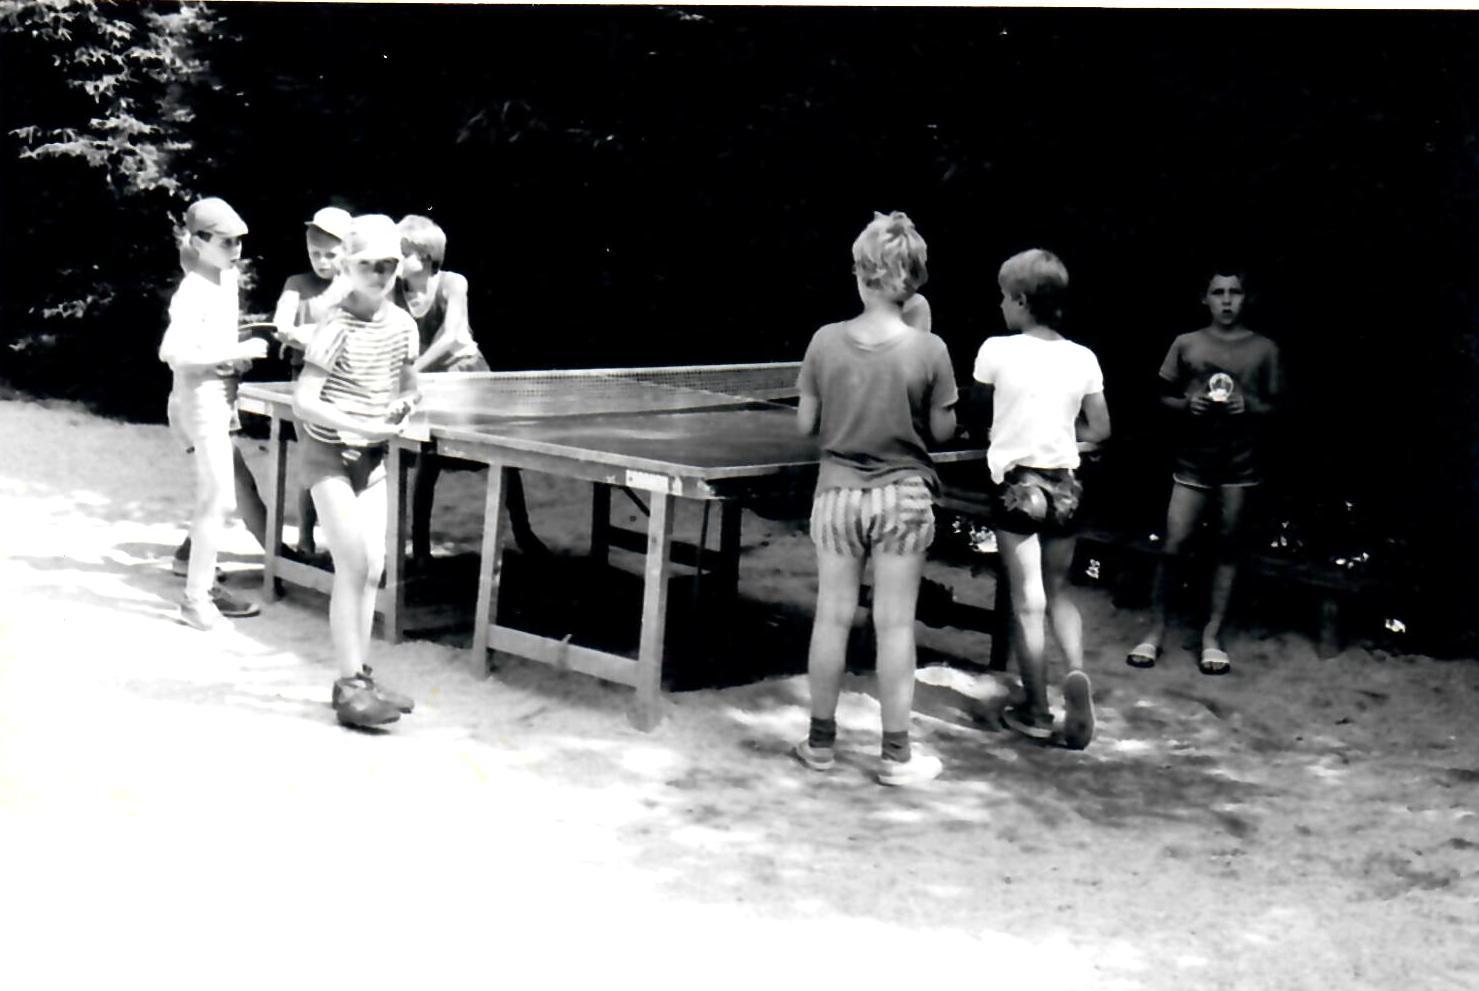 https://www.rudolfaci.cz/wp-content/uploads/2020/11/1985_Stolni_tenis.jpg